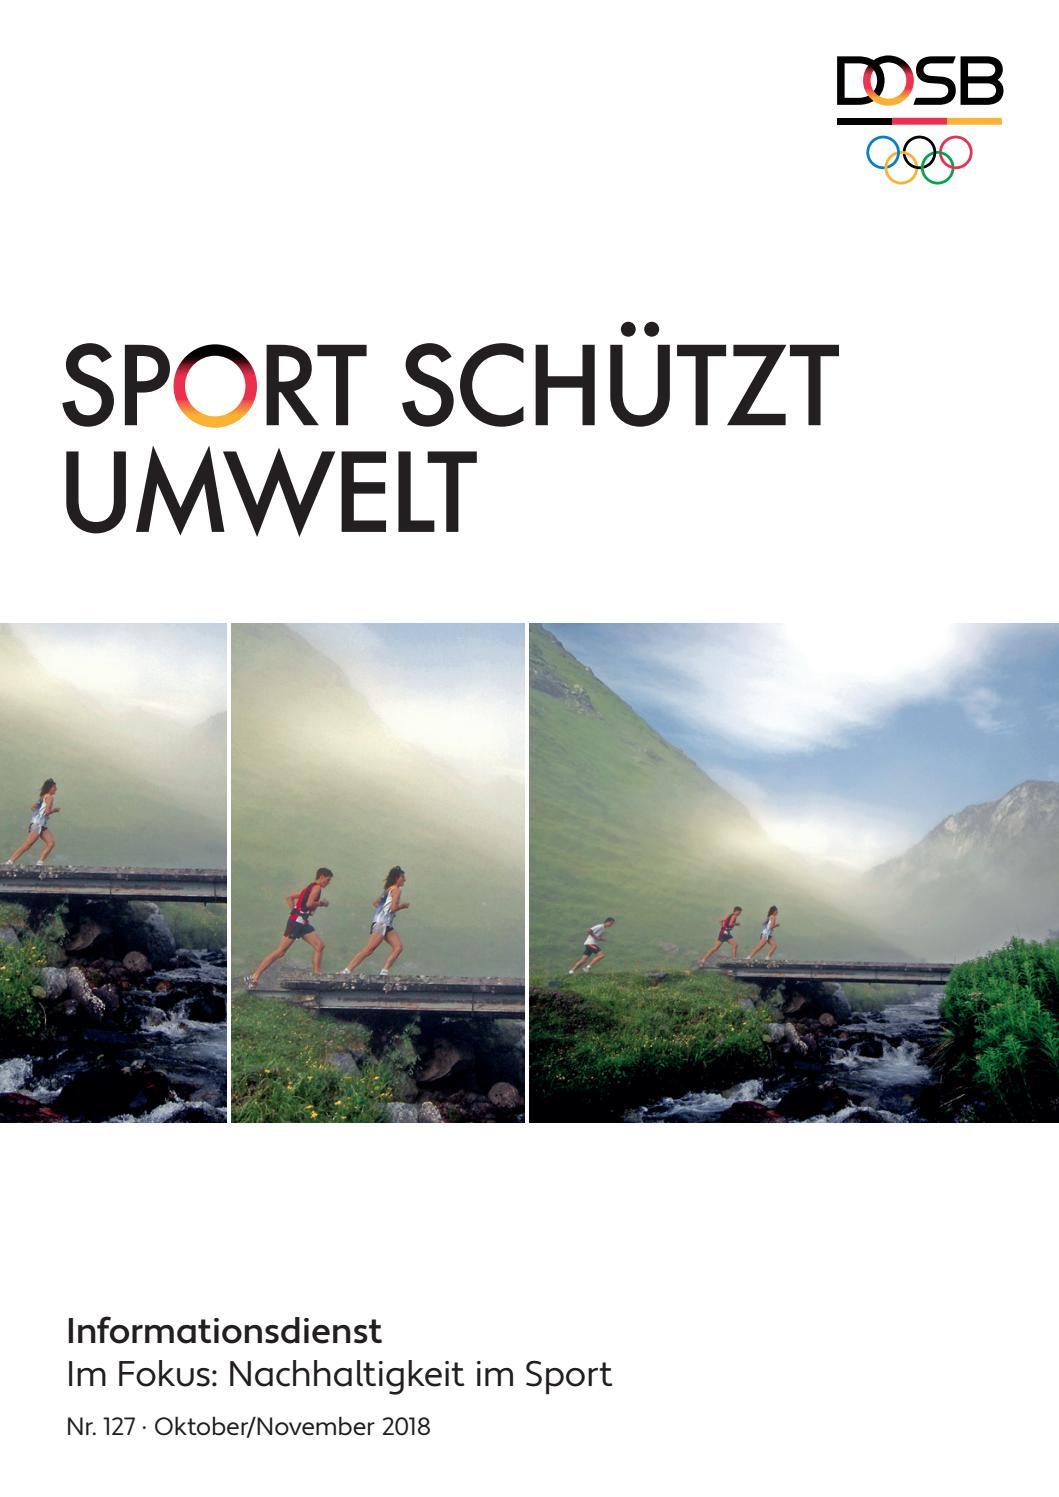 Nachhaltigkeit in der Sportbranche – tut sich da was? | Run